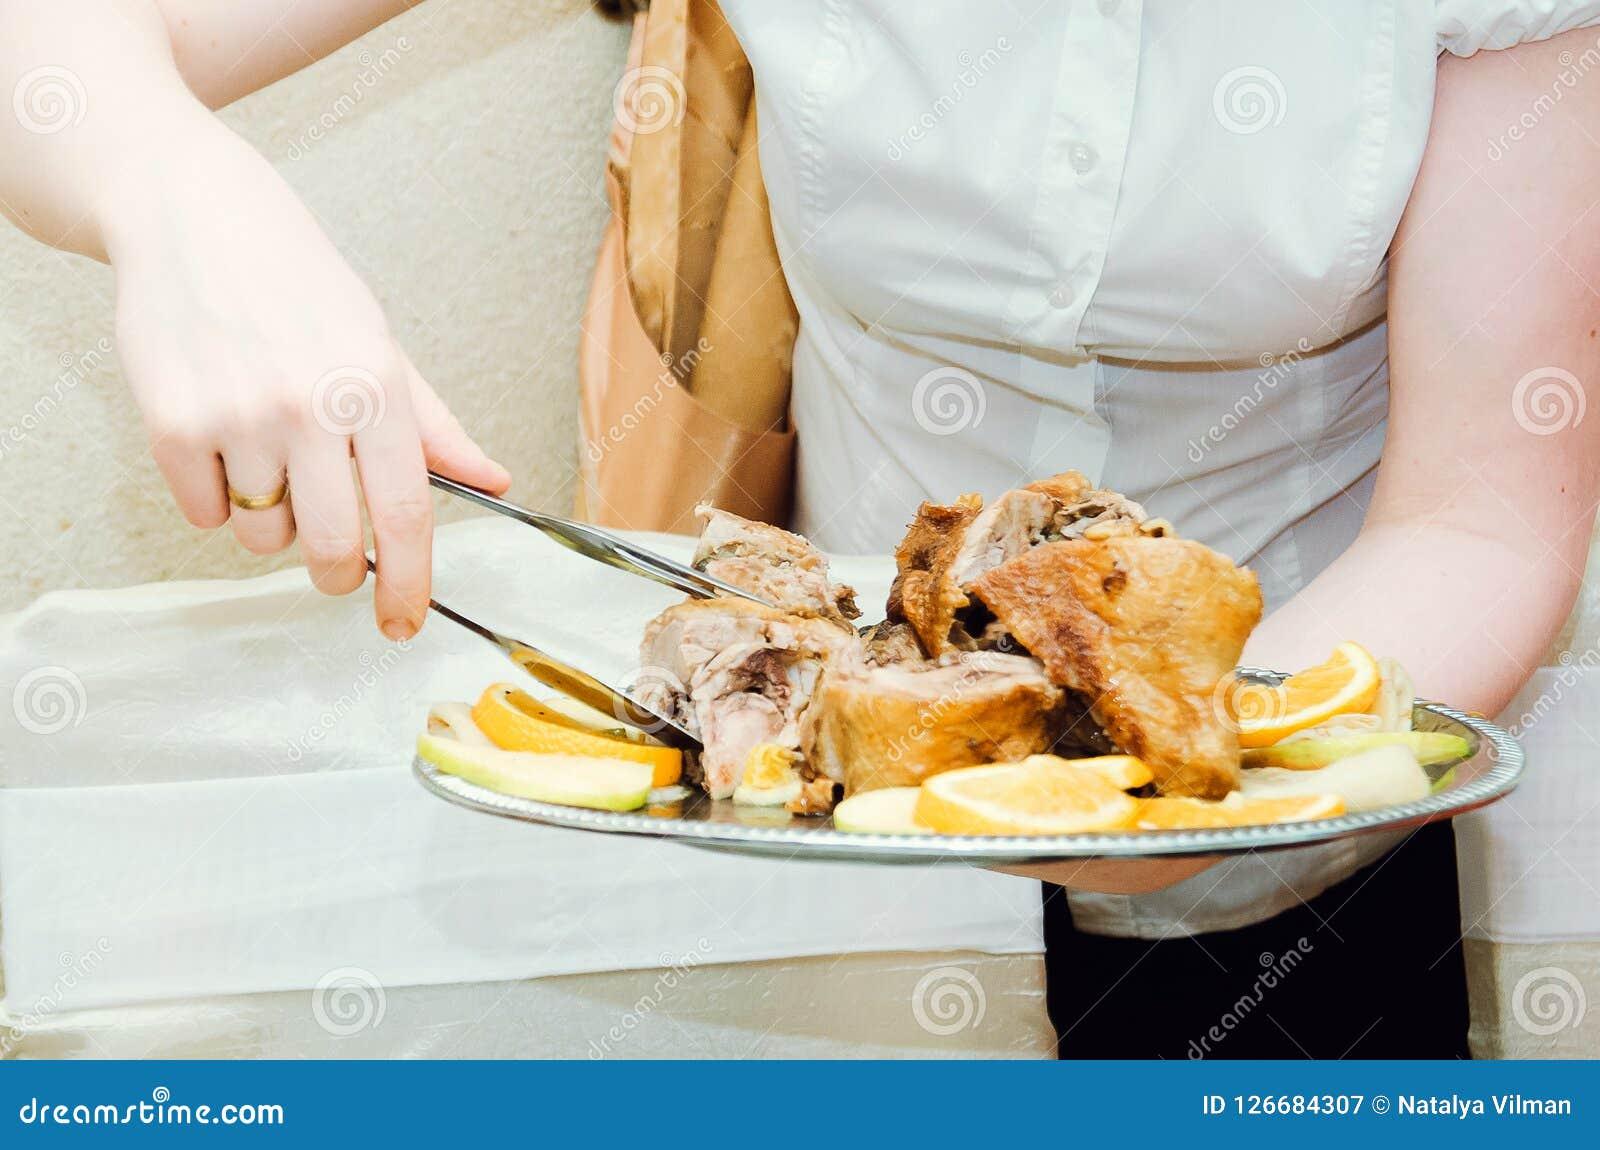 La serveuse sert un plat de